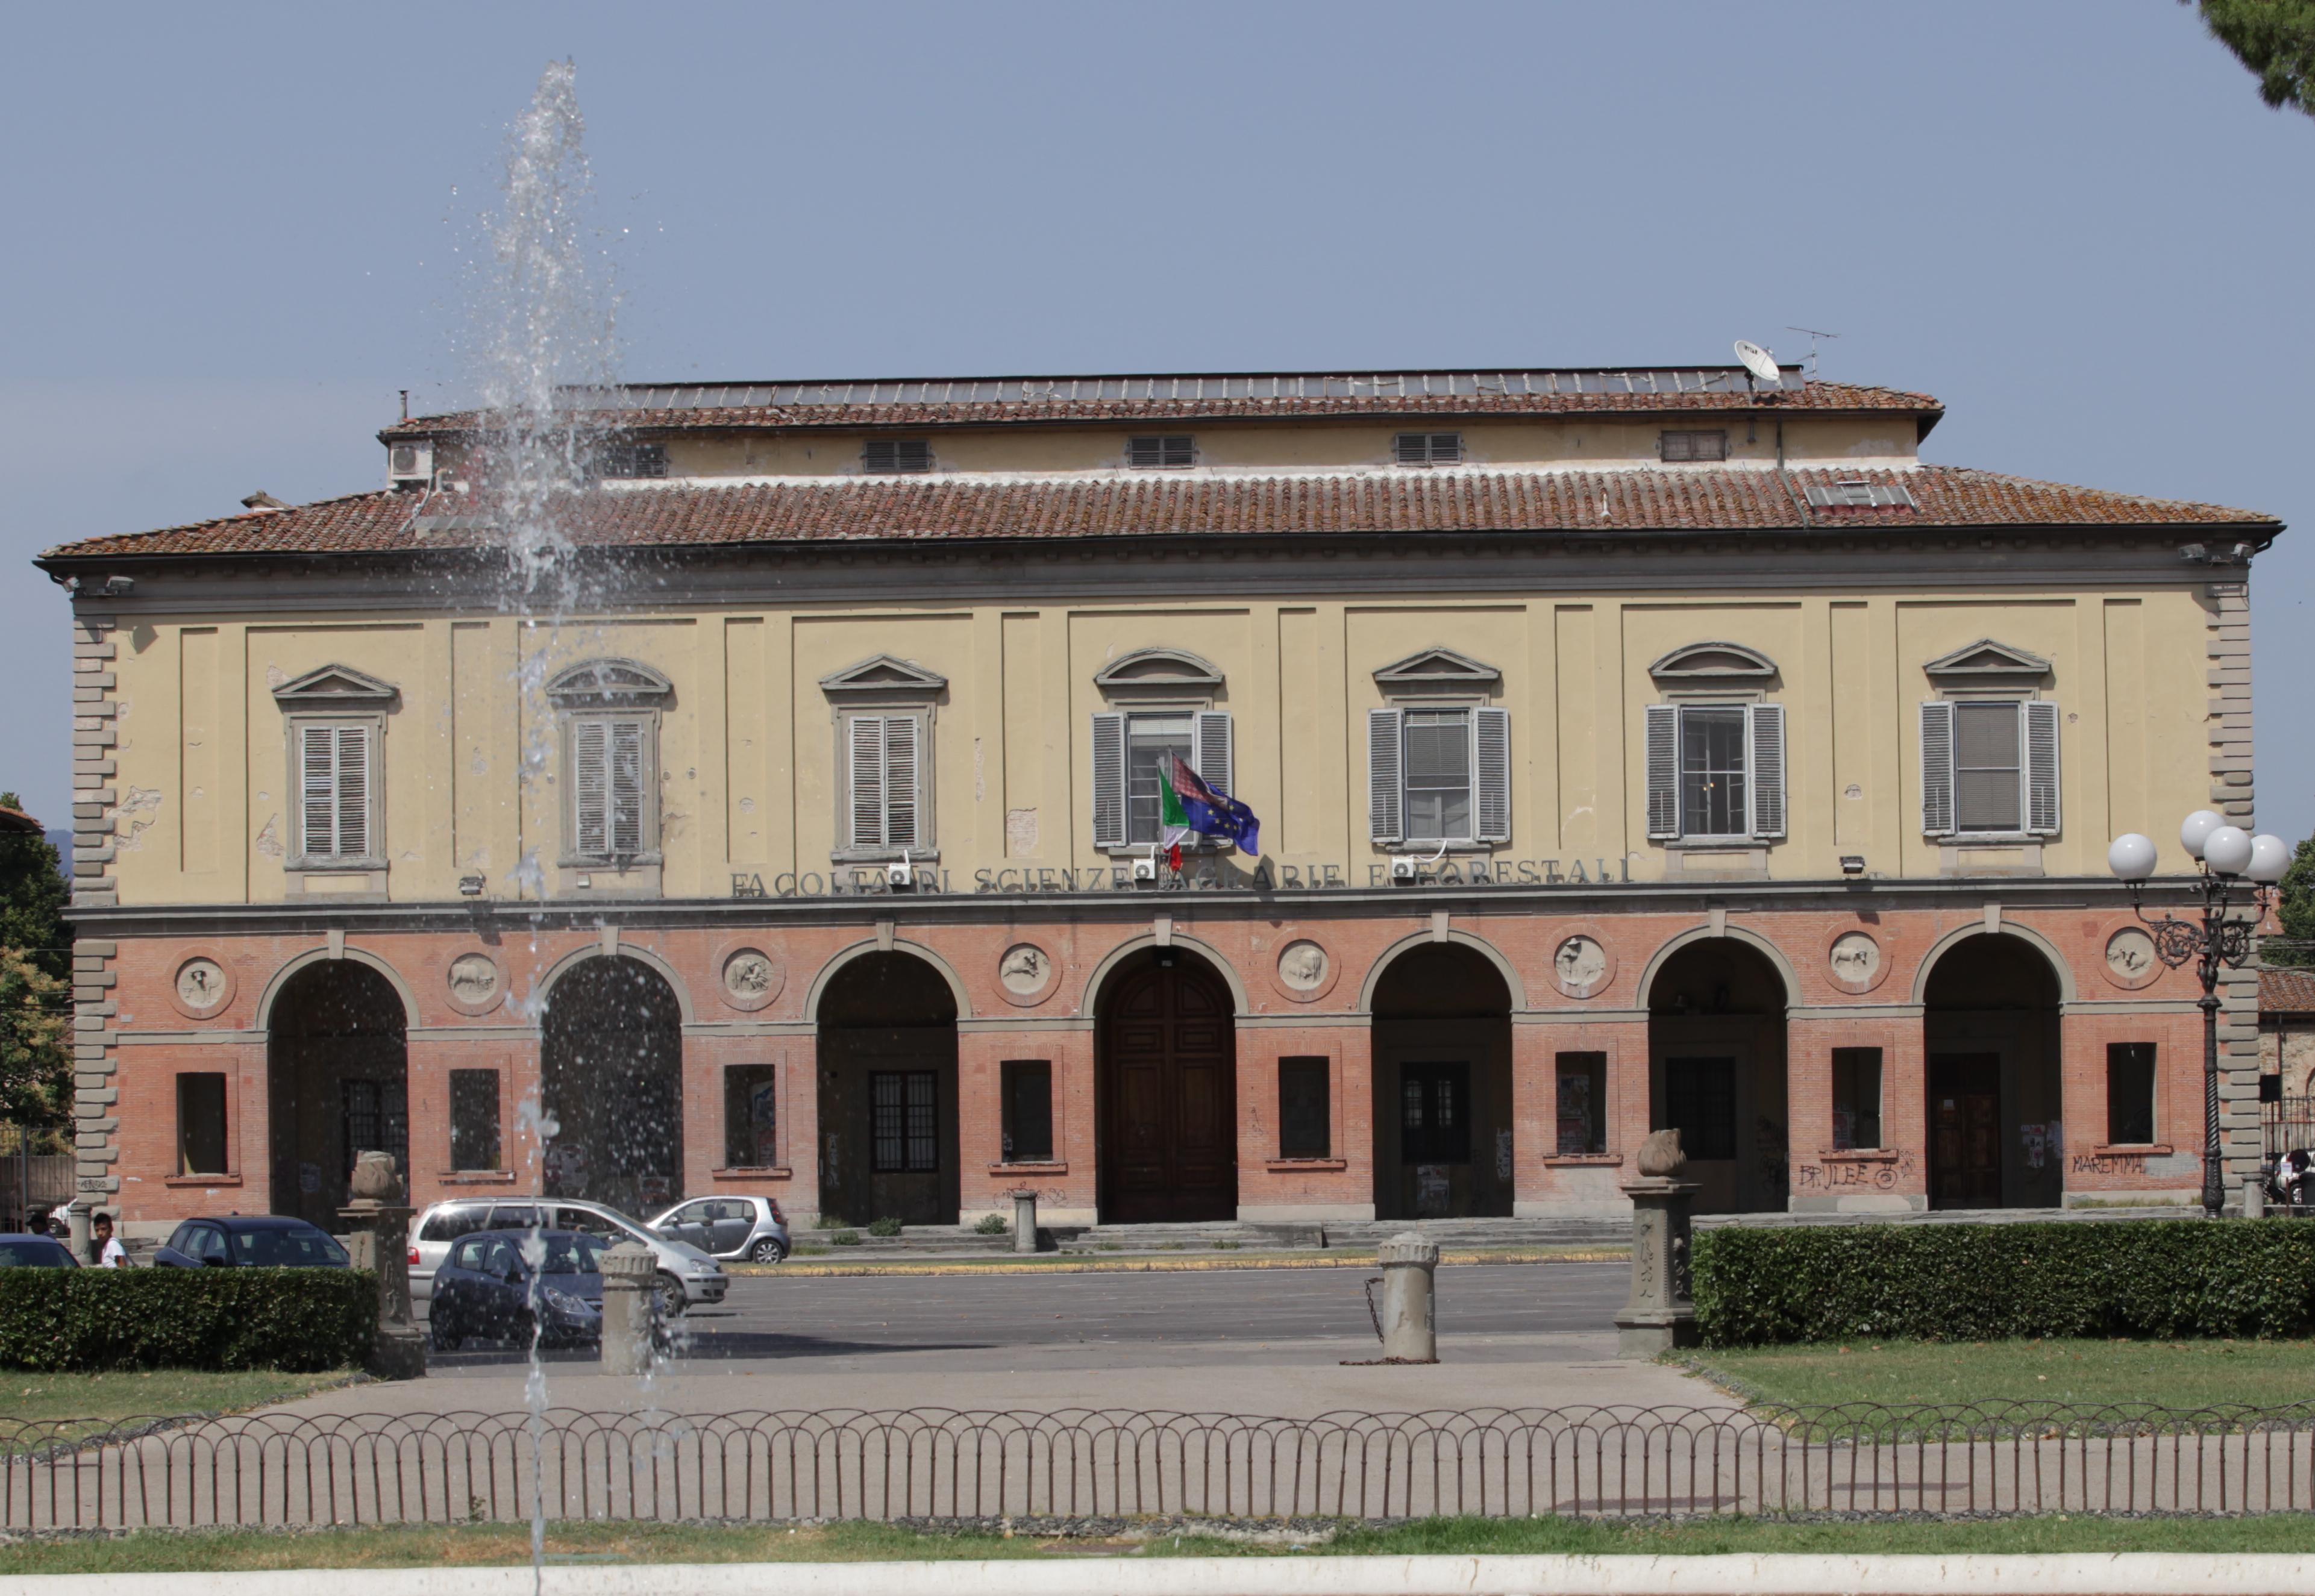 Facoltà Di Agraria, Firenze